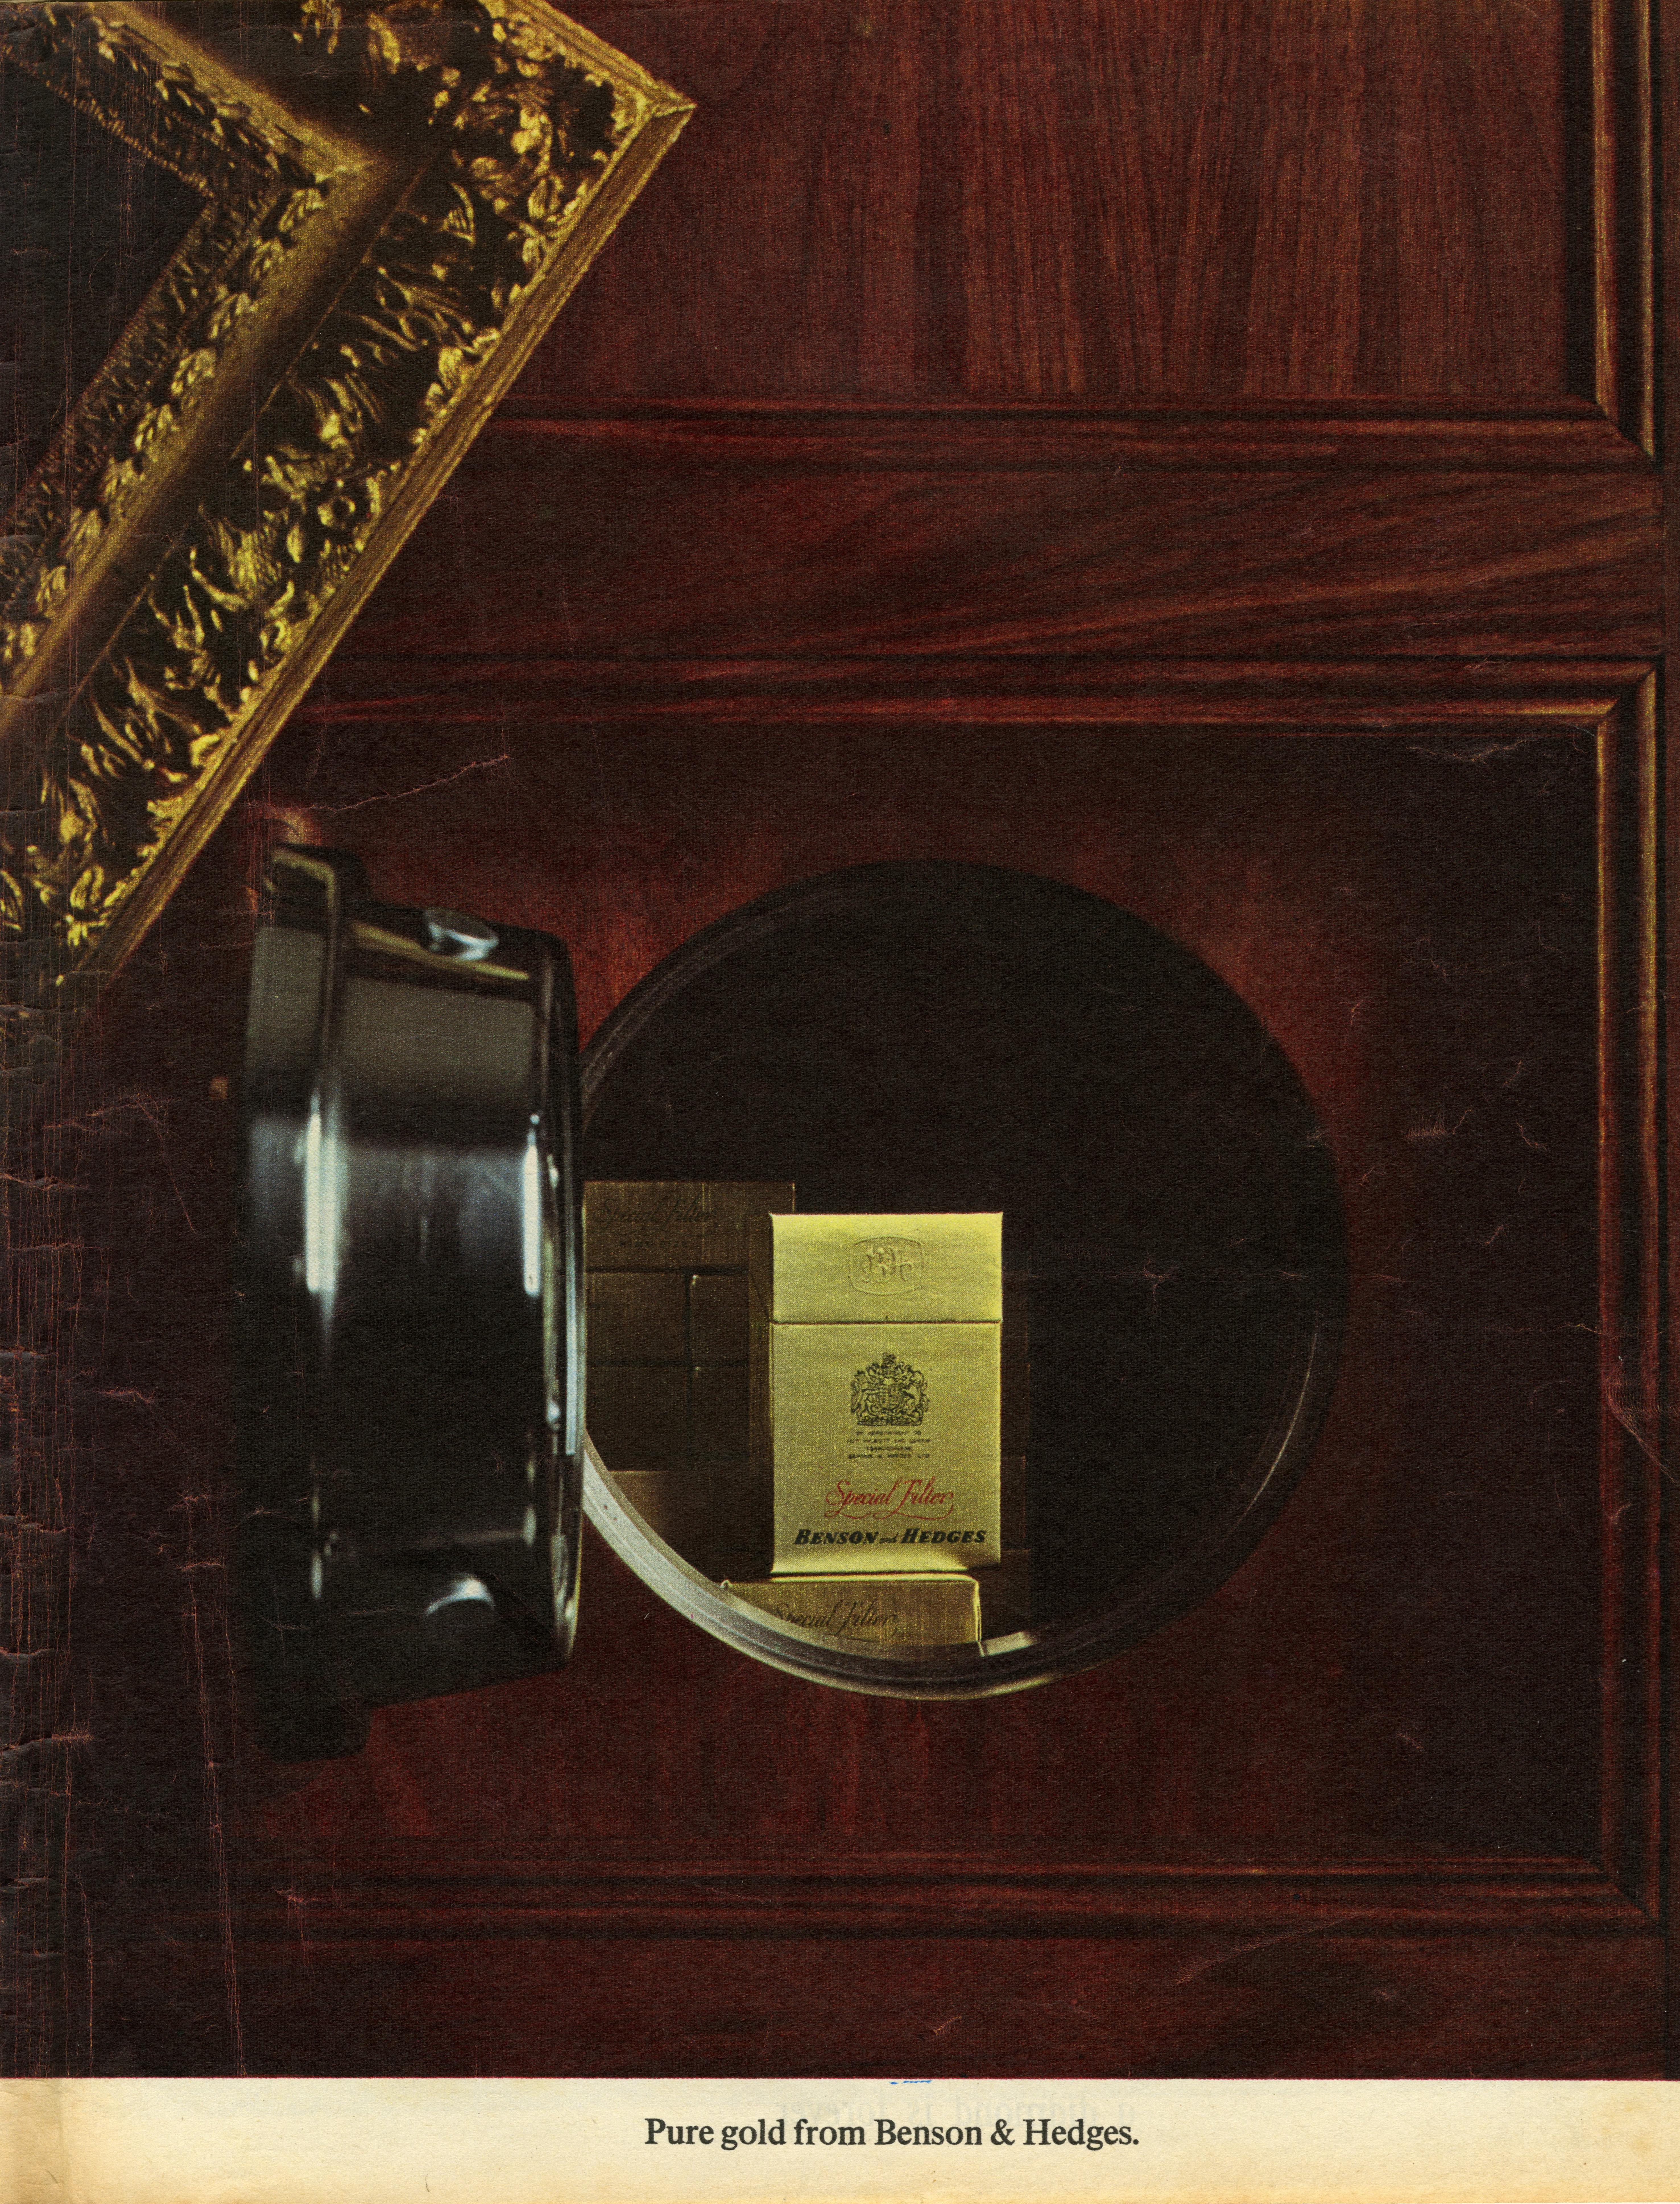 B&H Gold Box 'Safe', CDP-01